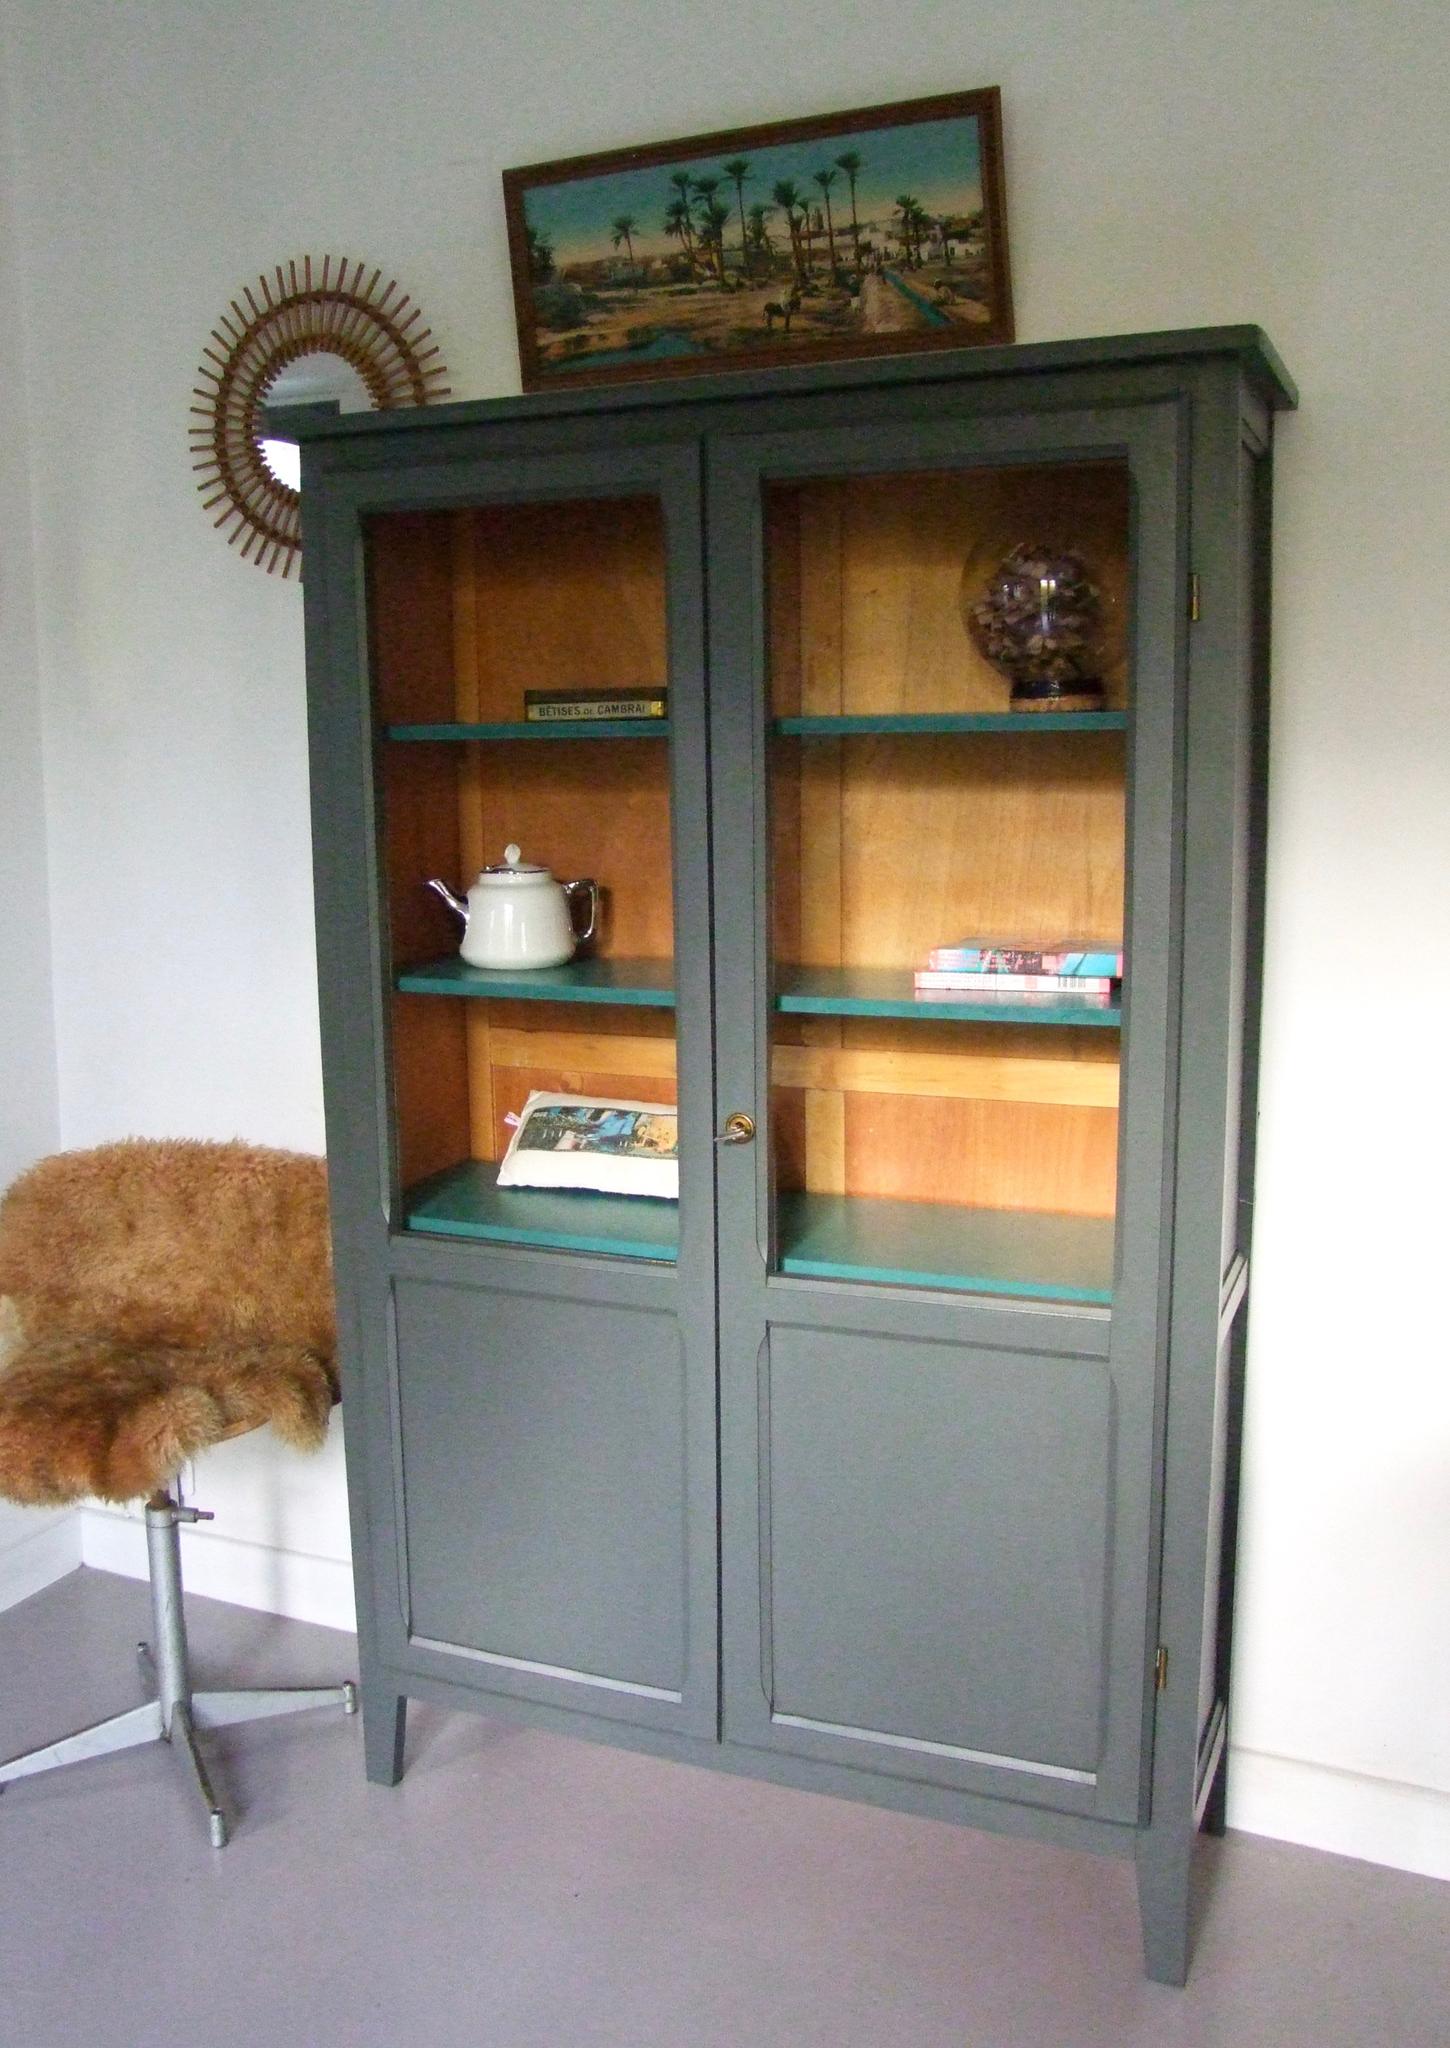 armoire parisienne holis meubles vintage pataluna chin s. Black Bedroom Furniture Sets. Home Design Ideas